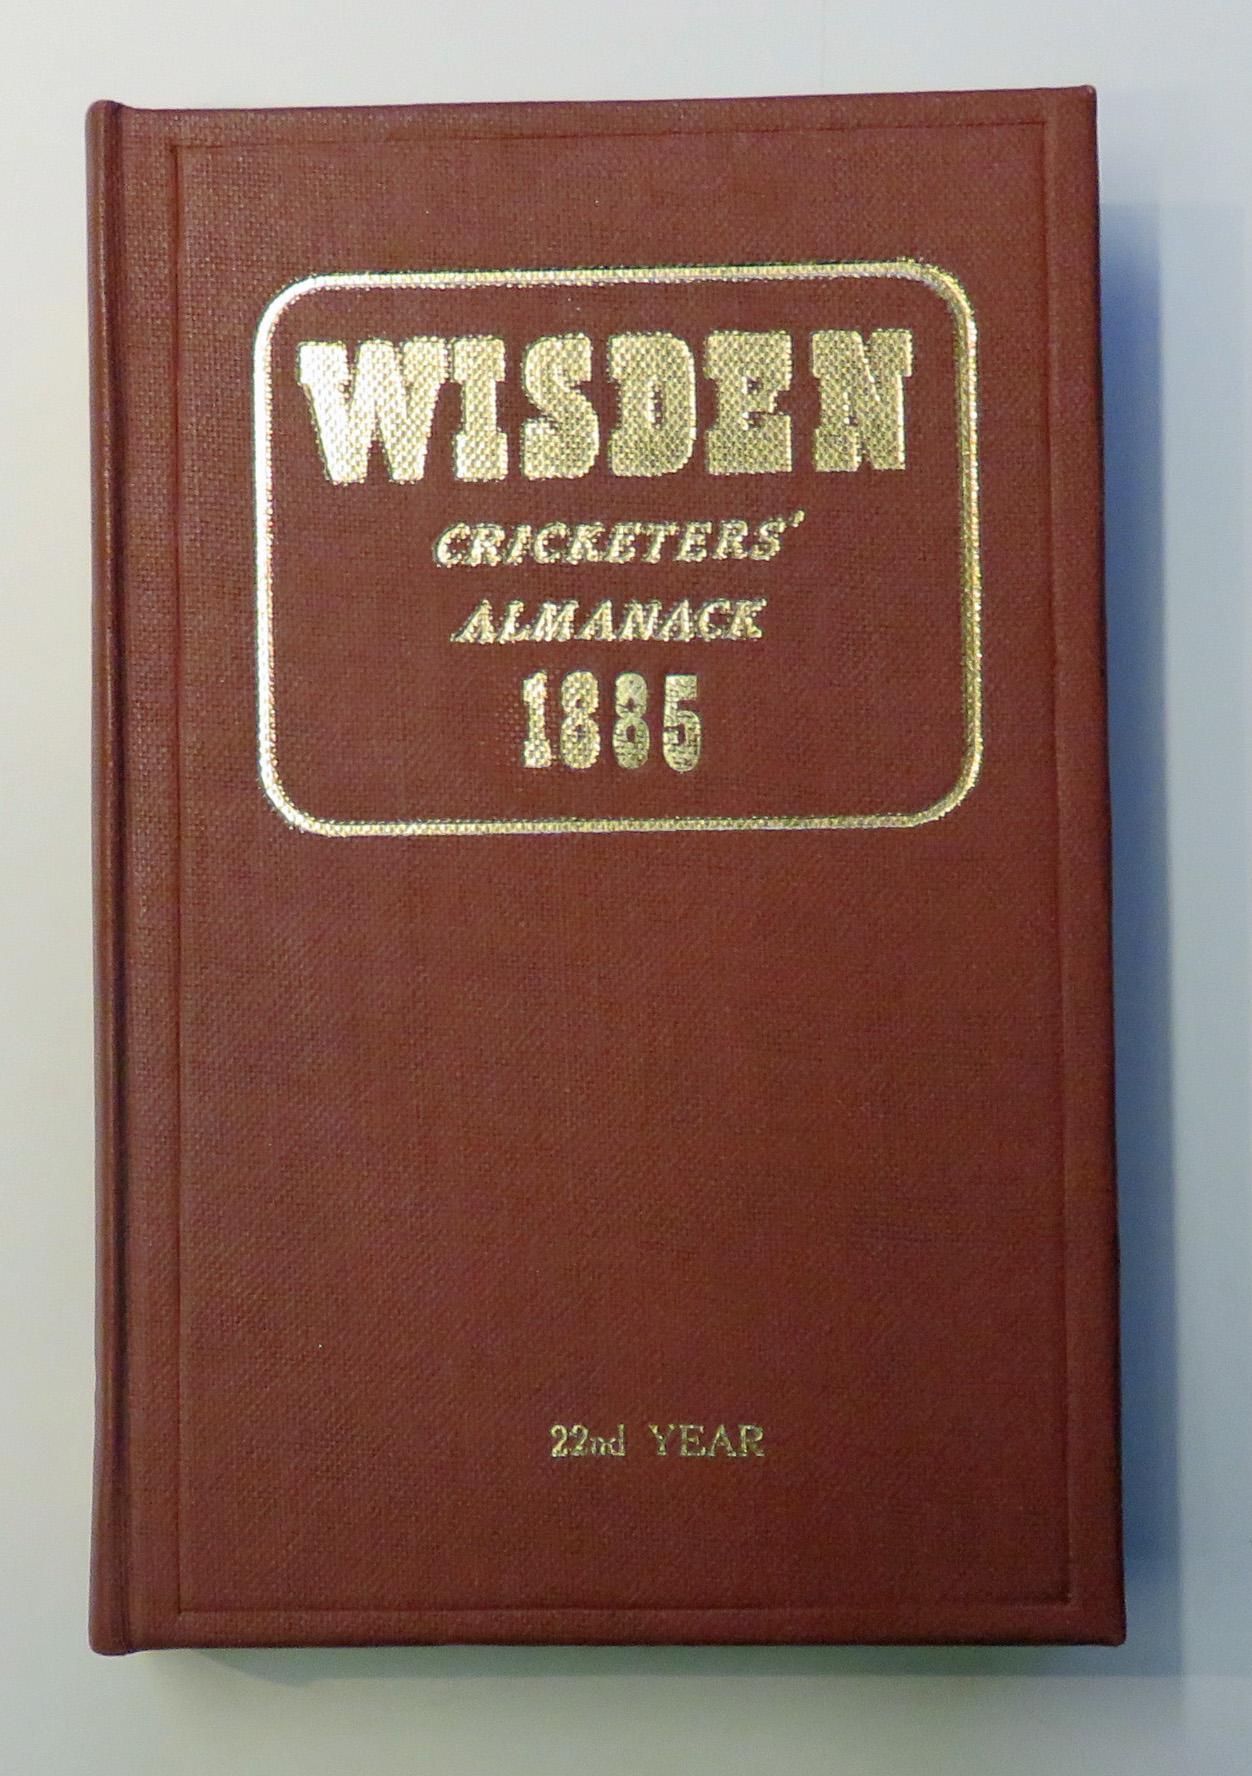 John Wisden's Cricketers' Almanack For 1885